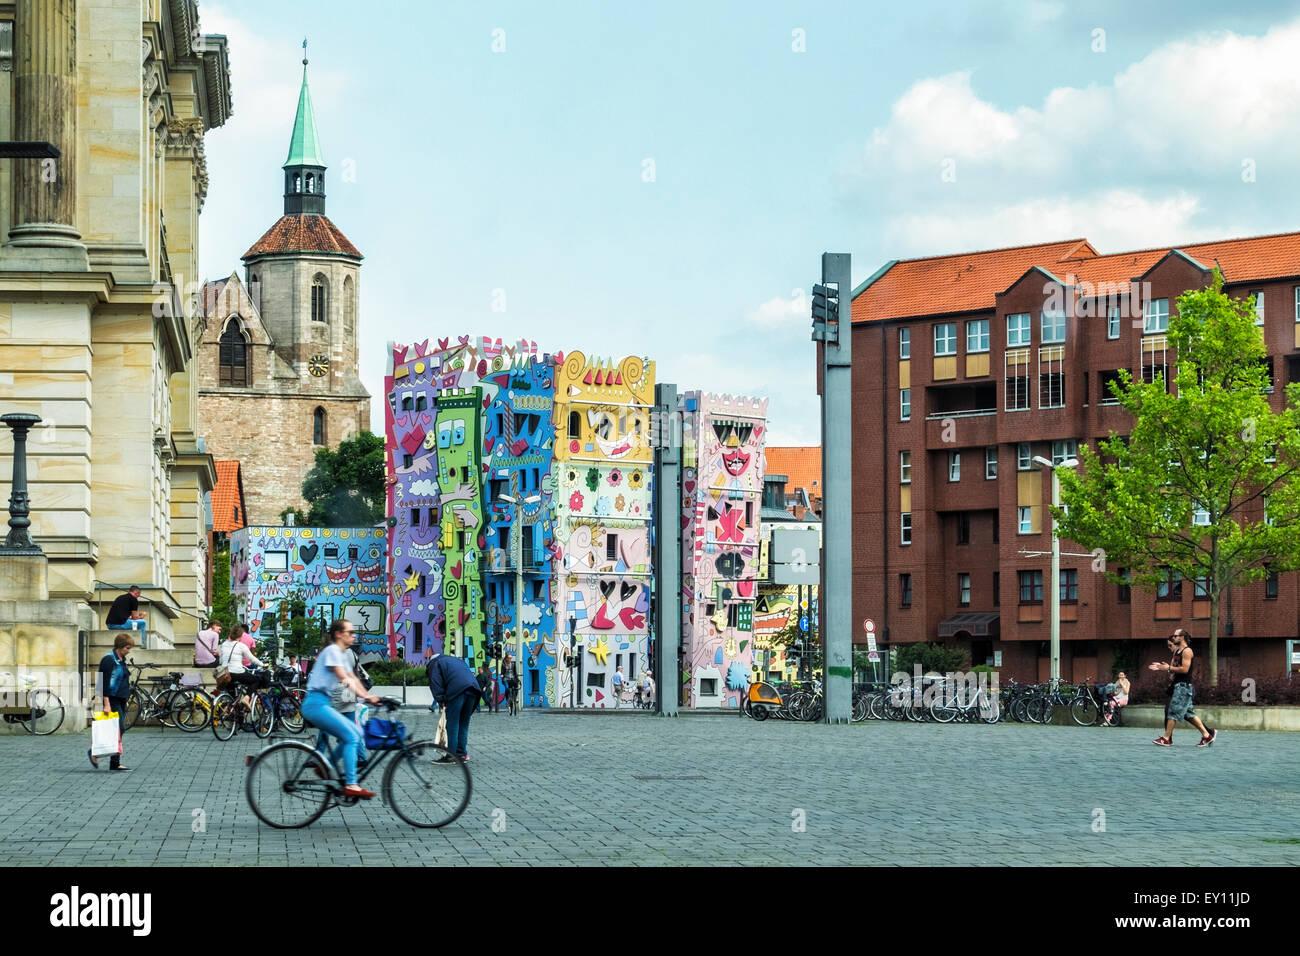 Künstler Braunschweig braunschweig brunswick deutschland rizzi house artwork